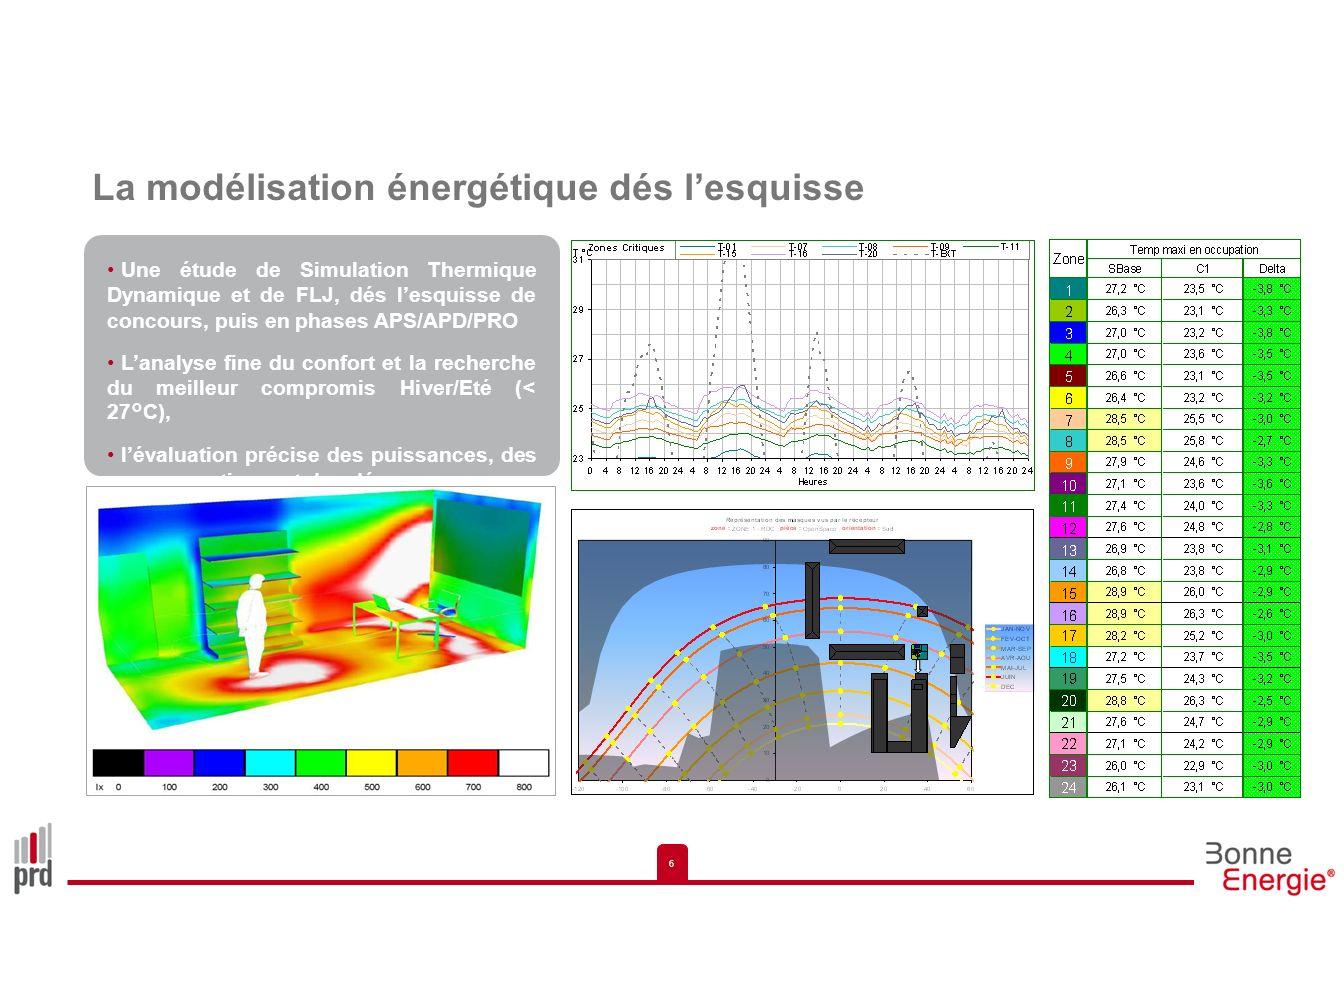 6 6 La modélisation énergétique dés lesquisse Une étude de Simulation Thermique Dynamique et de FLJ, dés lesquisse de concours, puis en phases APS/APD